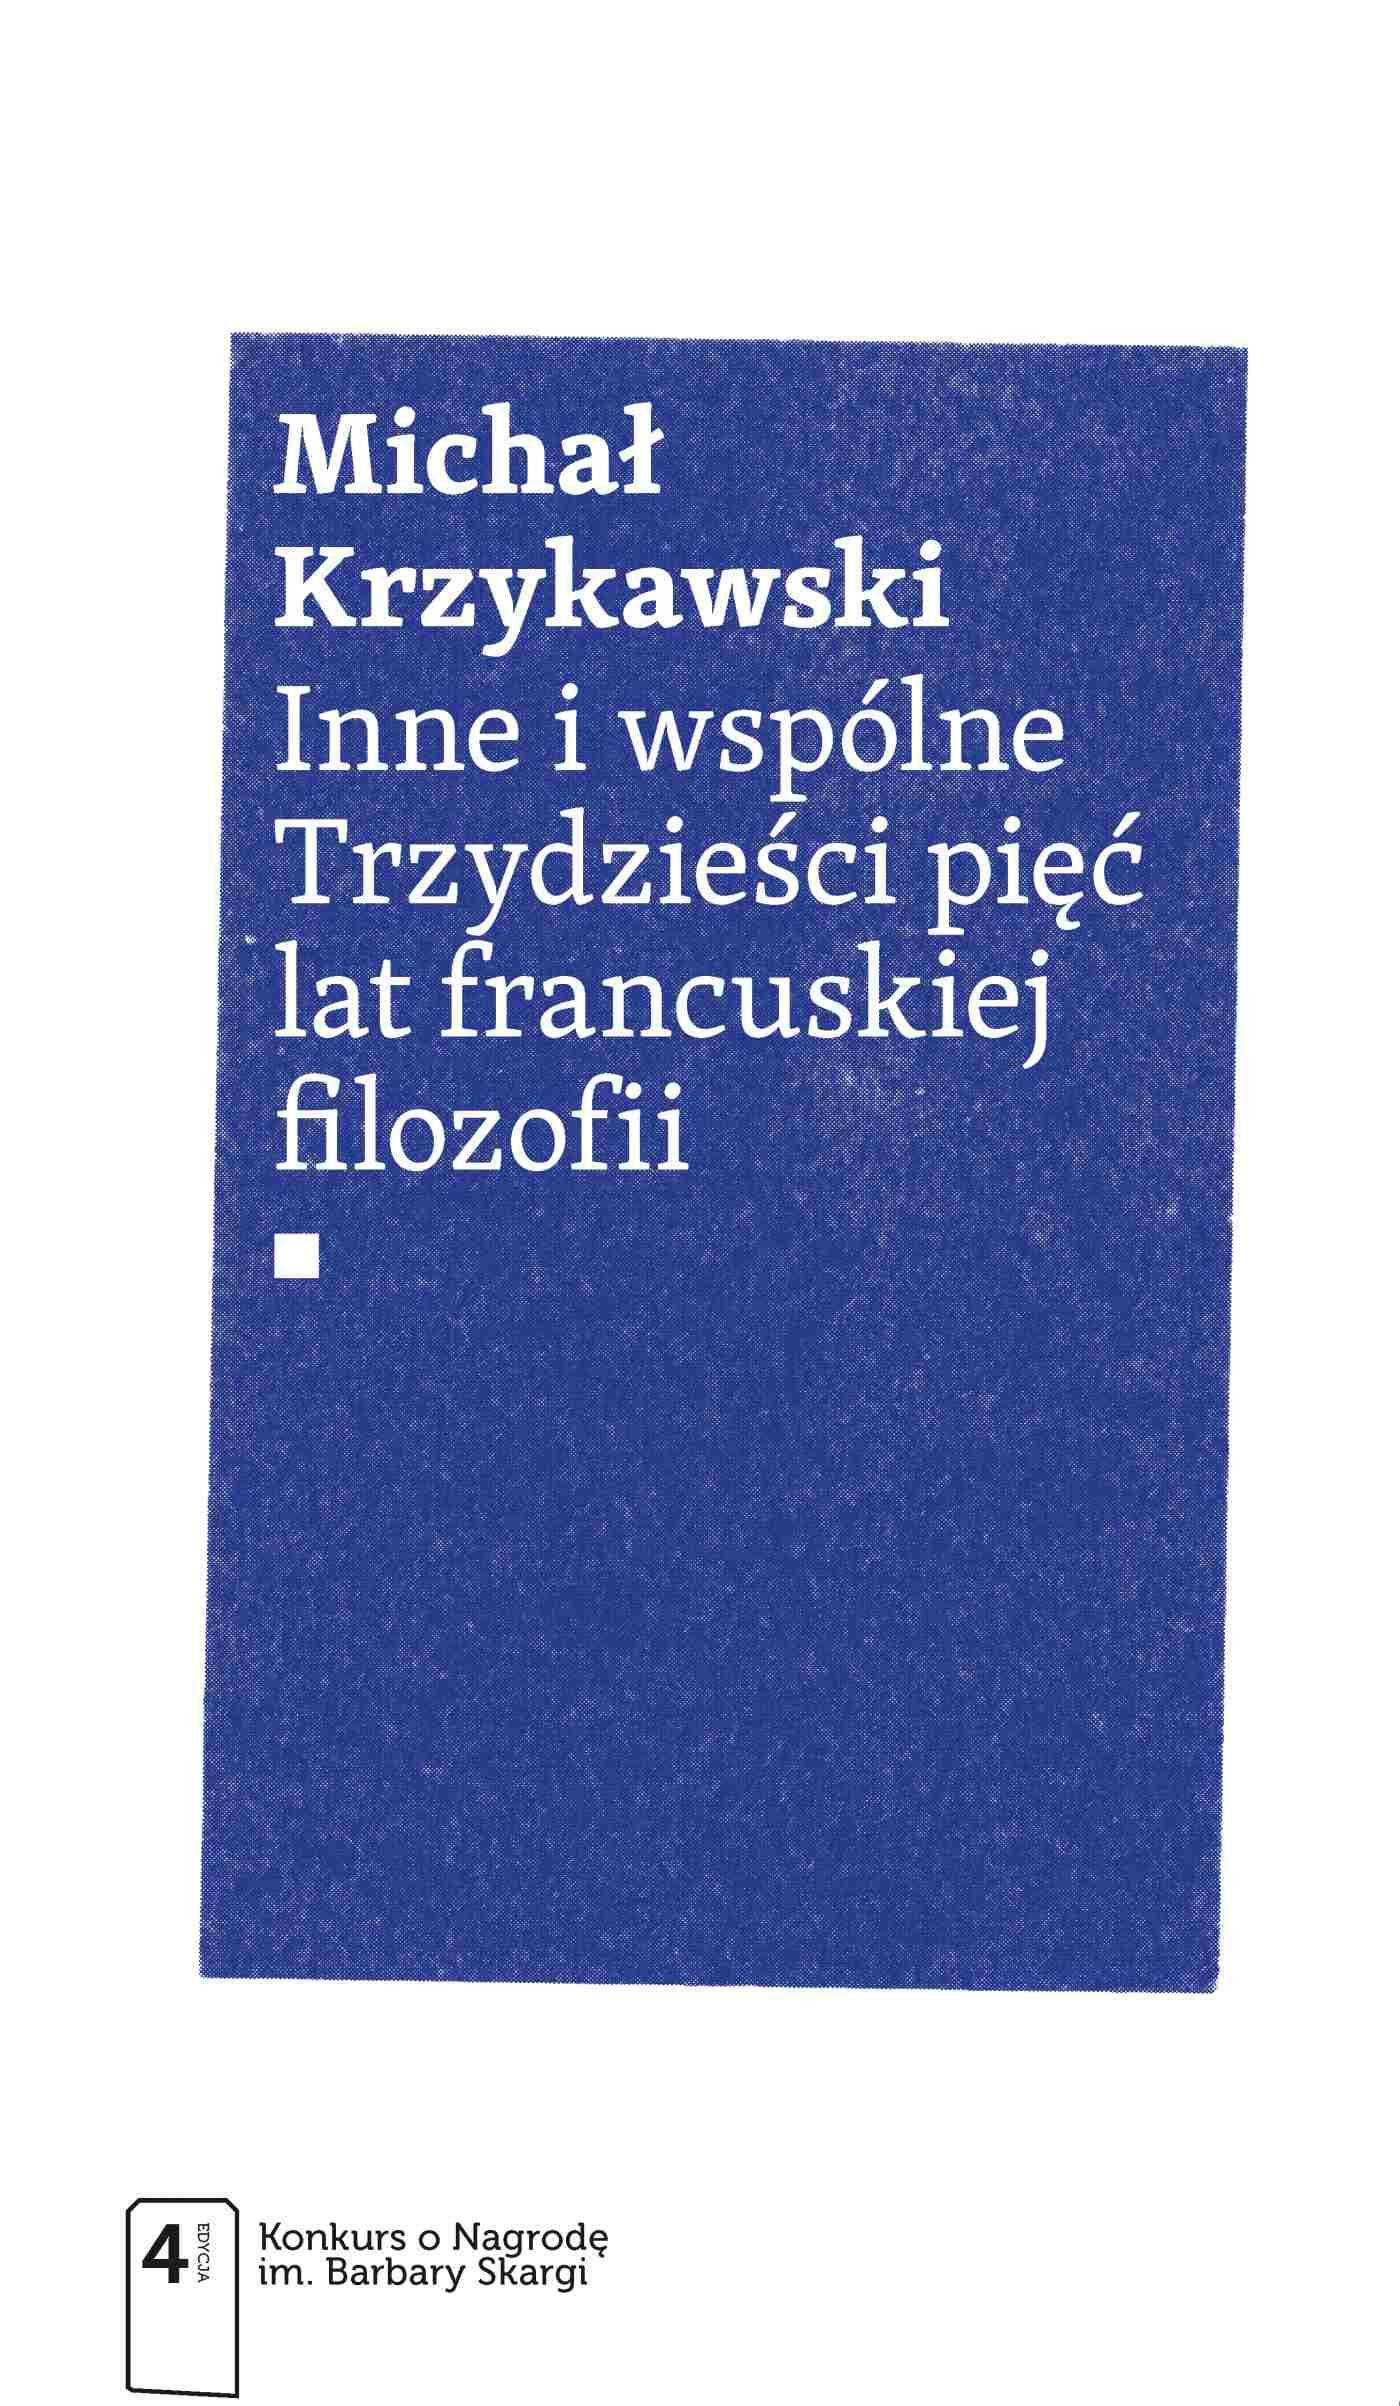 Inne i wspólne. Trzydzieści pięć lat francuskiej filozofii - Ebook (Książka EPUB) do pobrania w formacie EPUB